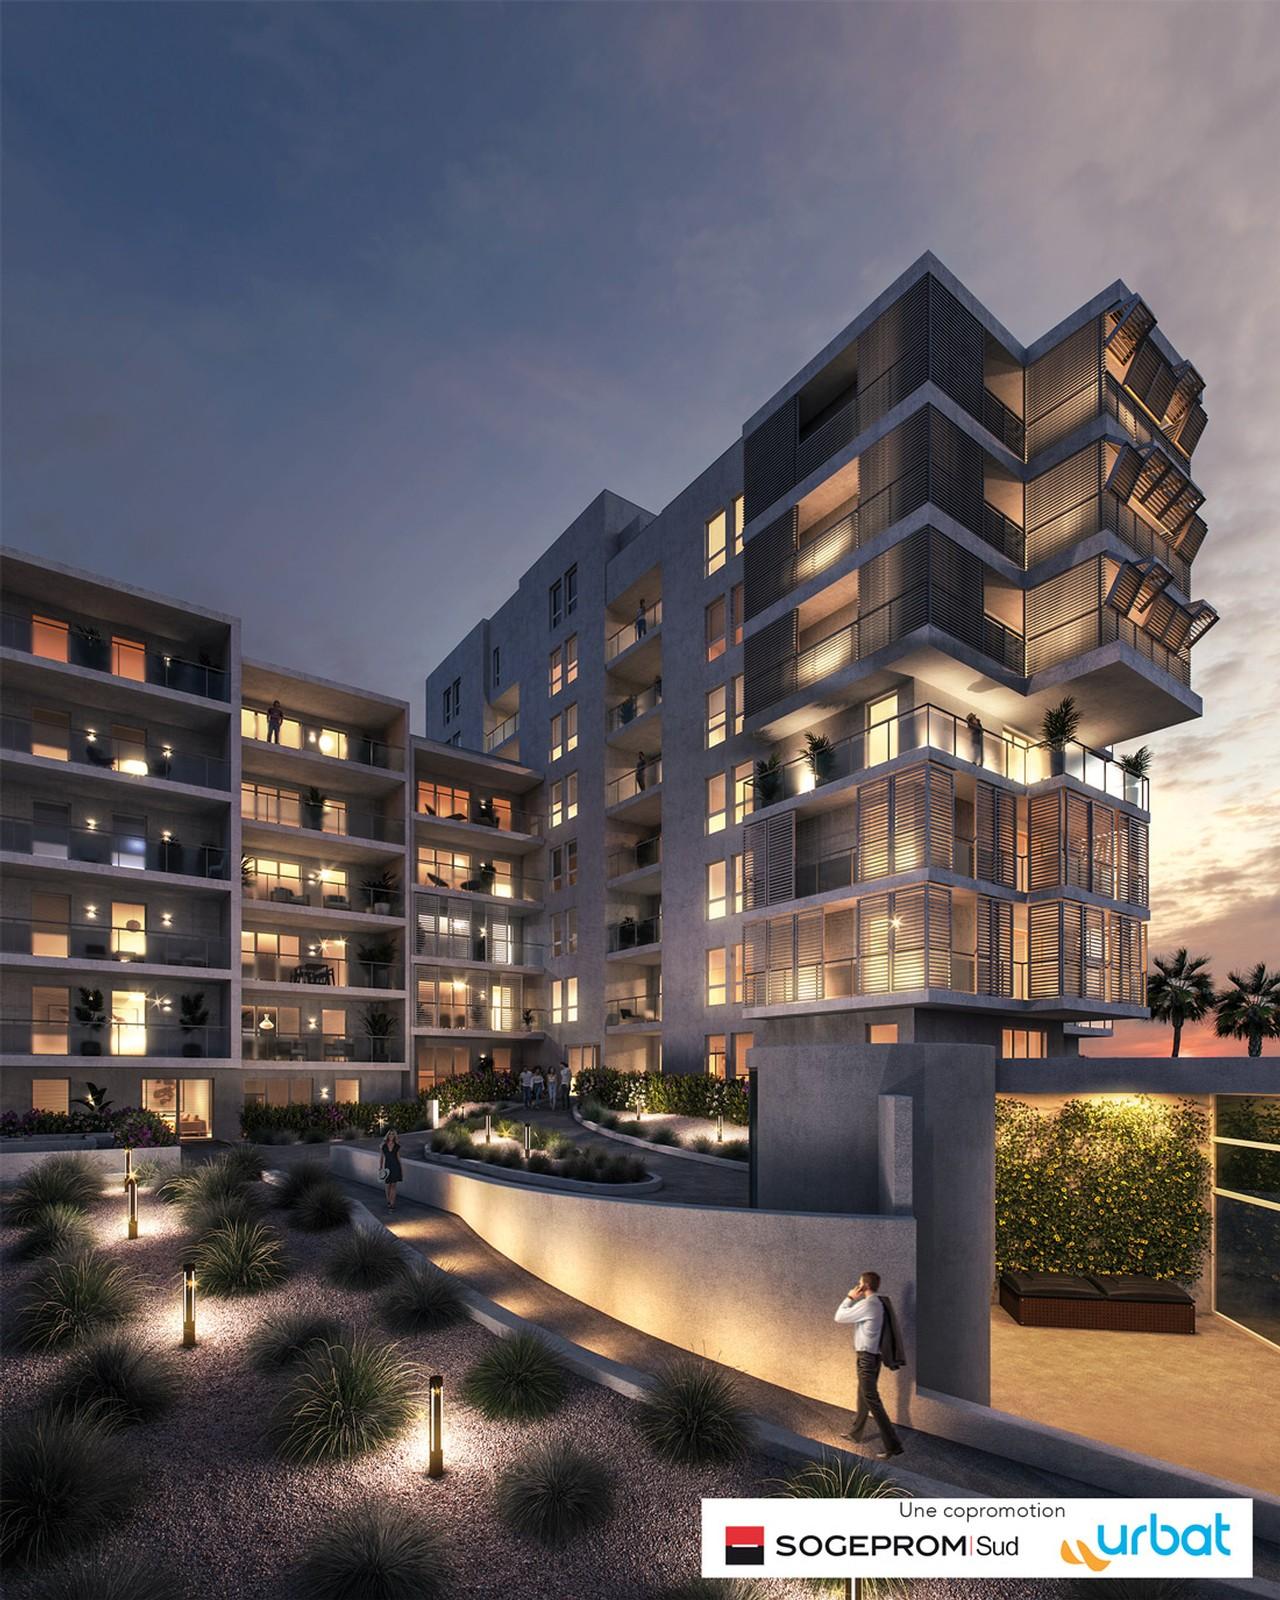 Programme immobilier URB22 appartement à Marseille 4ème (13004) Dans un cadre verdoyant